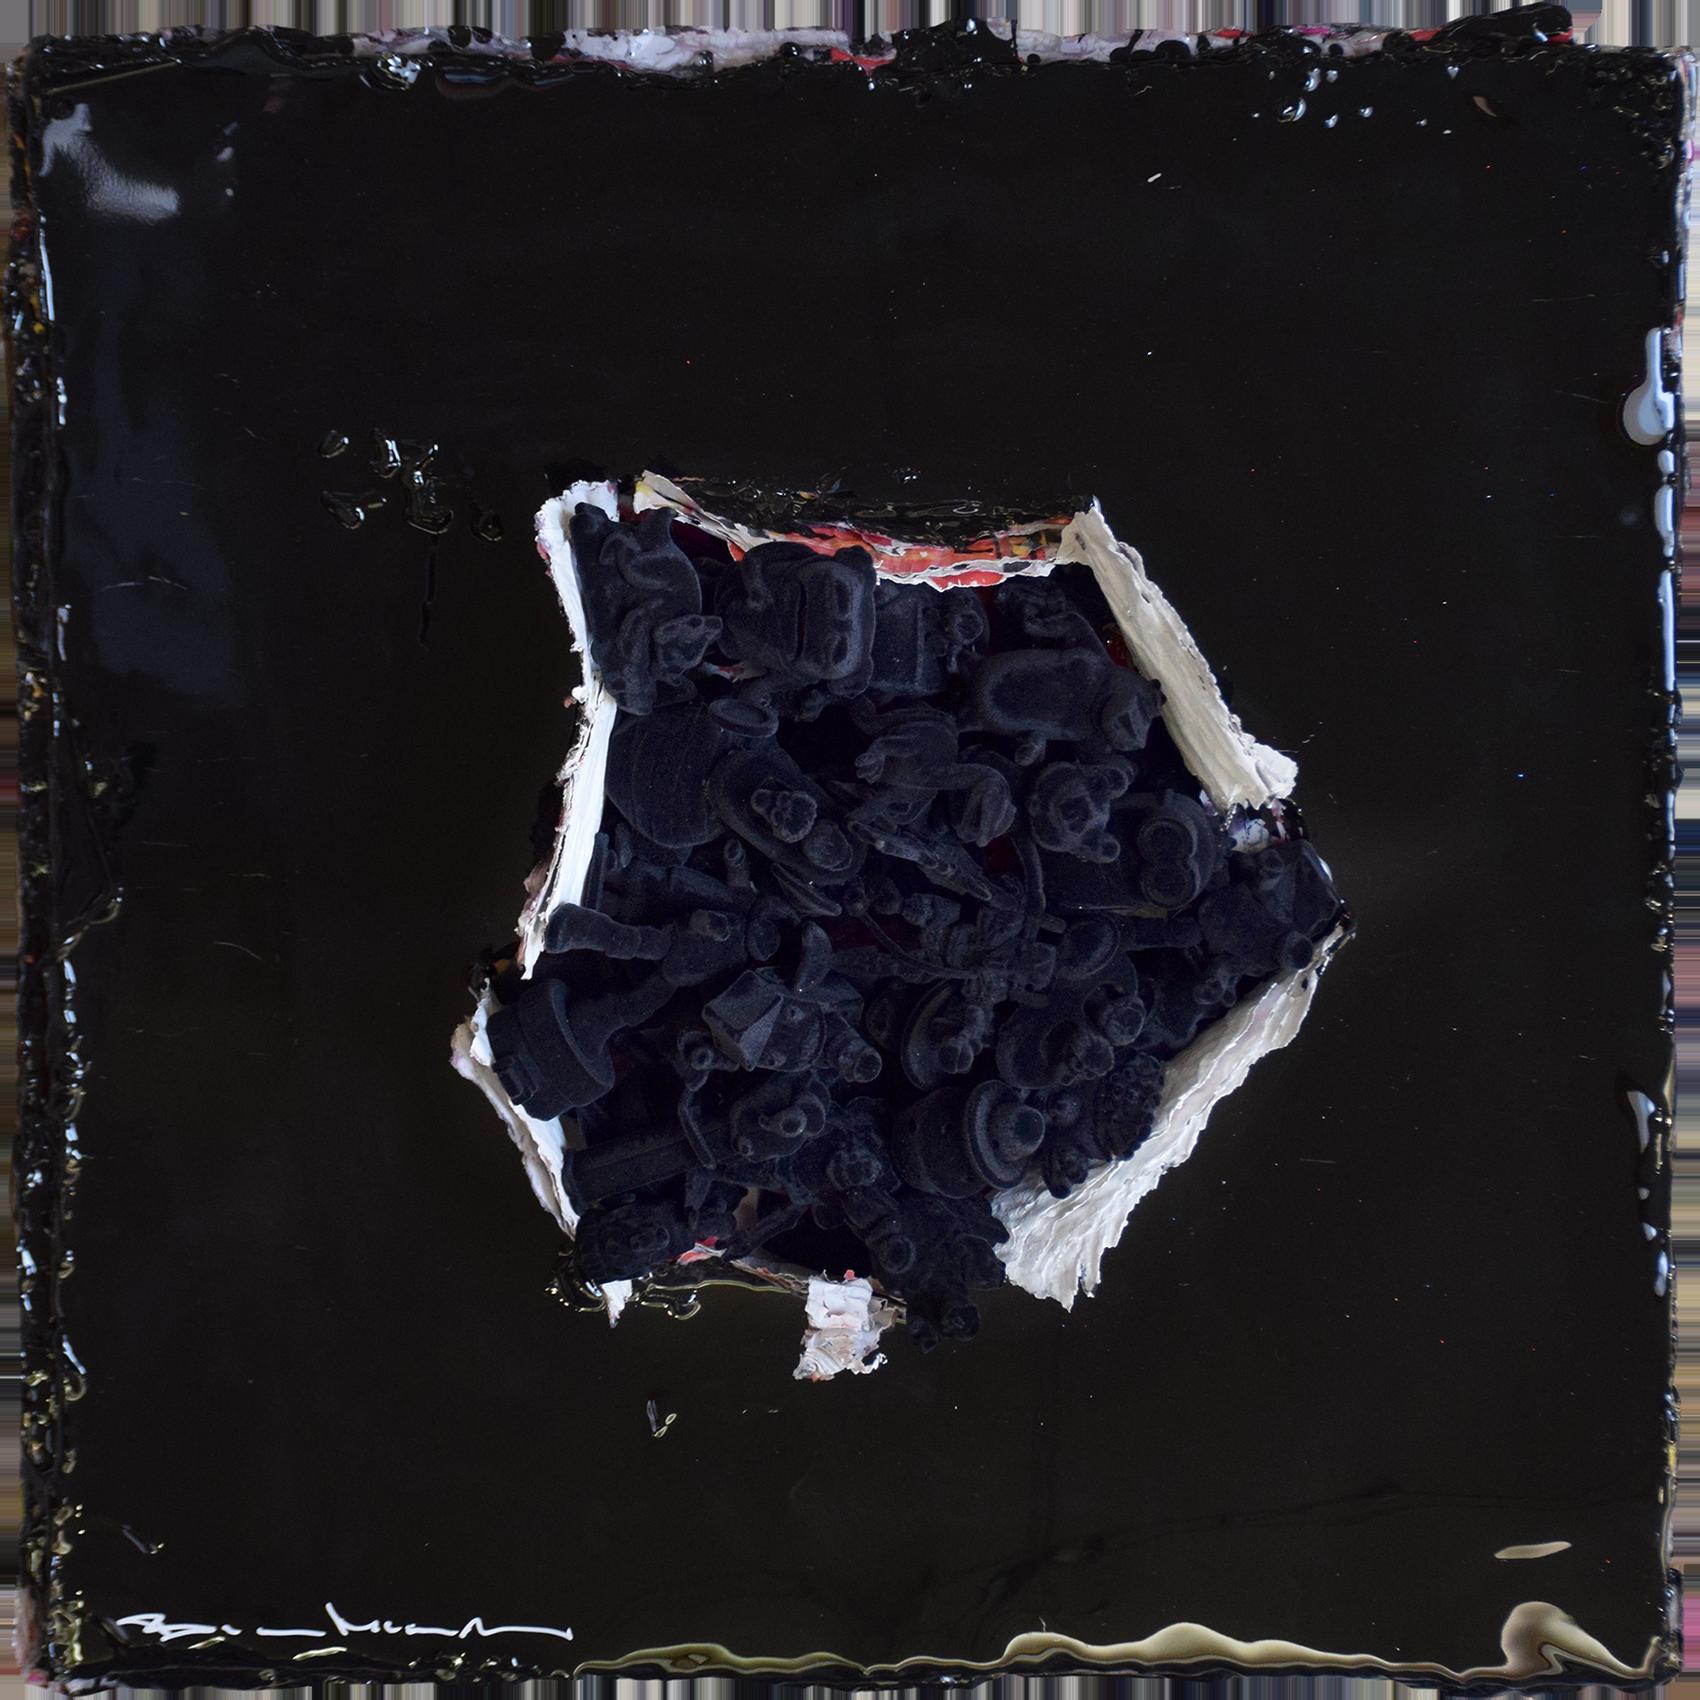 Bram Reijnders - Black , 8031-012-174